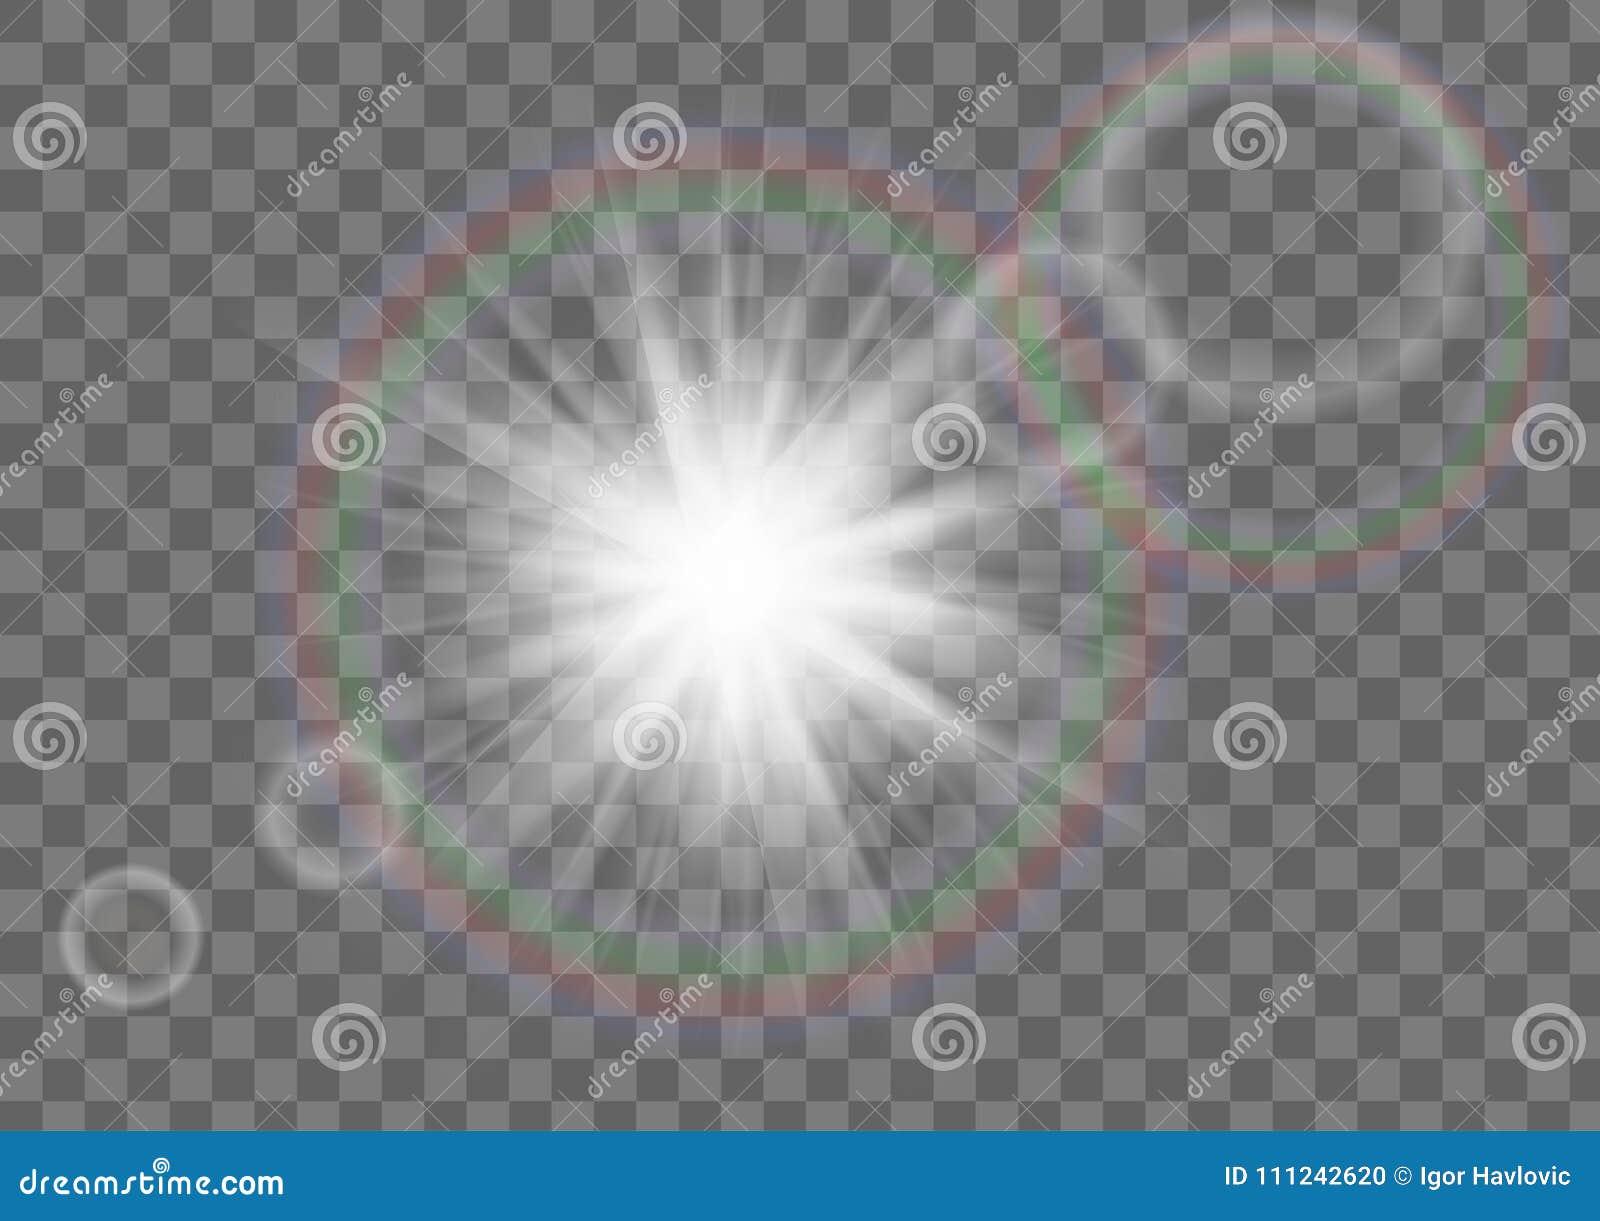 De Fonkeling van de zonster met het Effect van de Lensgloed op Transparante Achtergrond